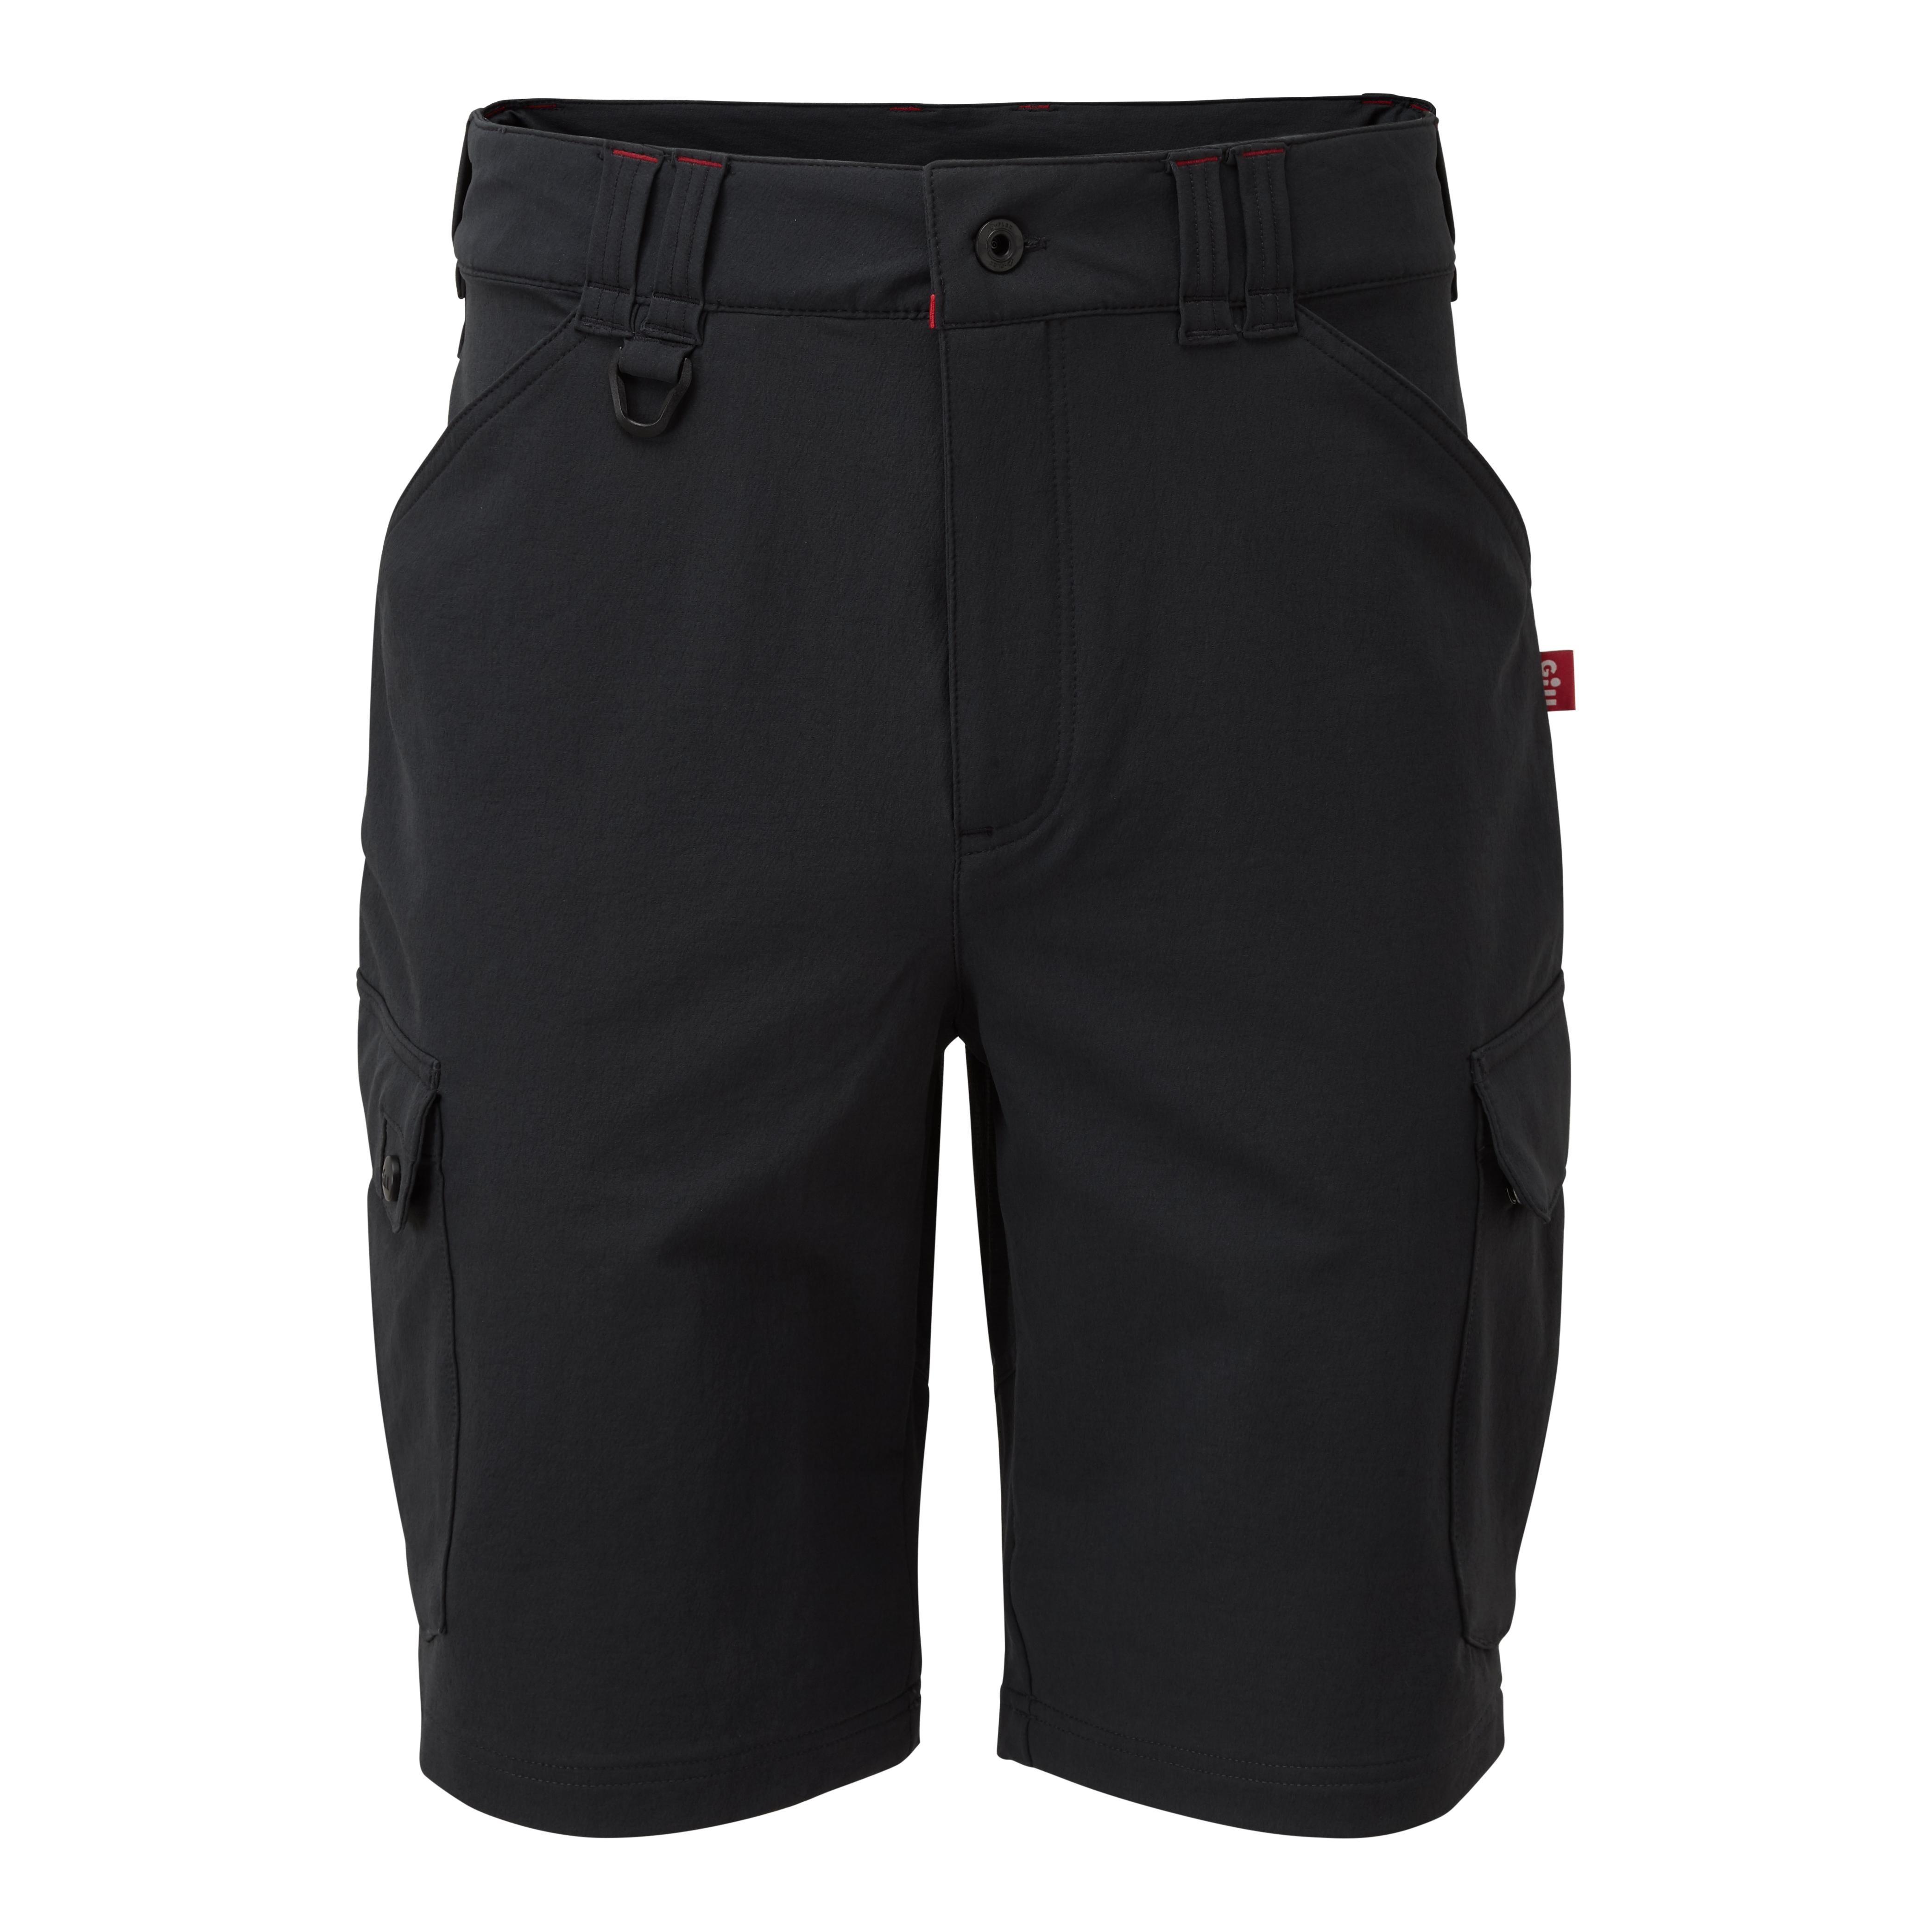 Men's UV Tec Pro Shorts - UV013-GRA01-1.jpg